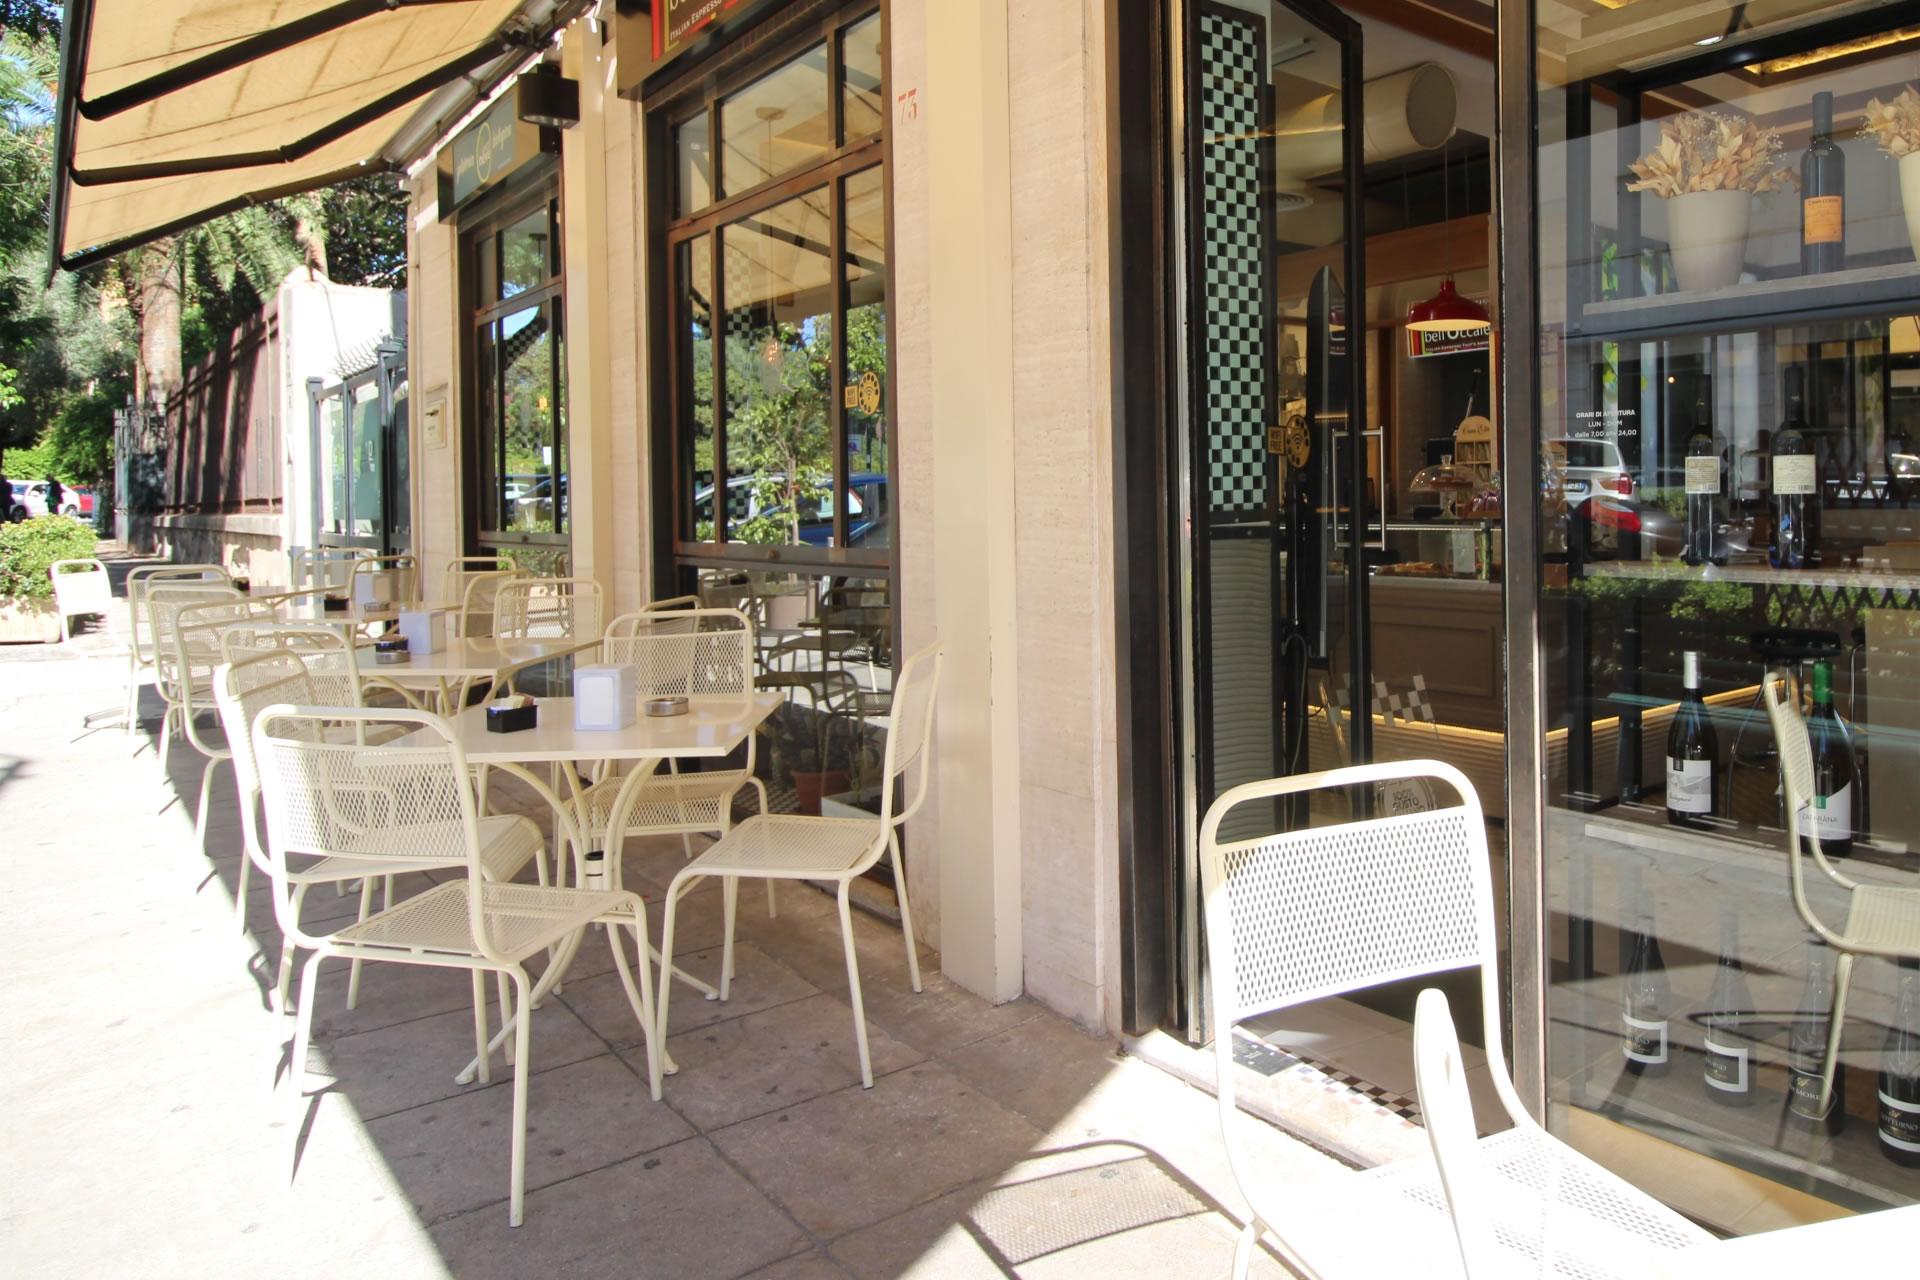 Aiuti alle imprese a Palermo: il piano del Comune per bar e ristoranti